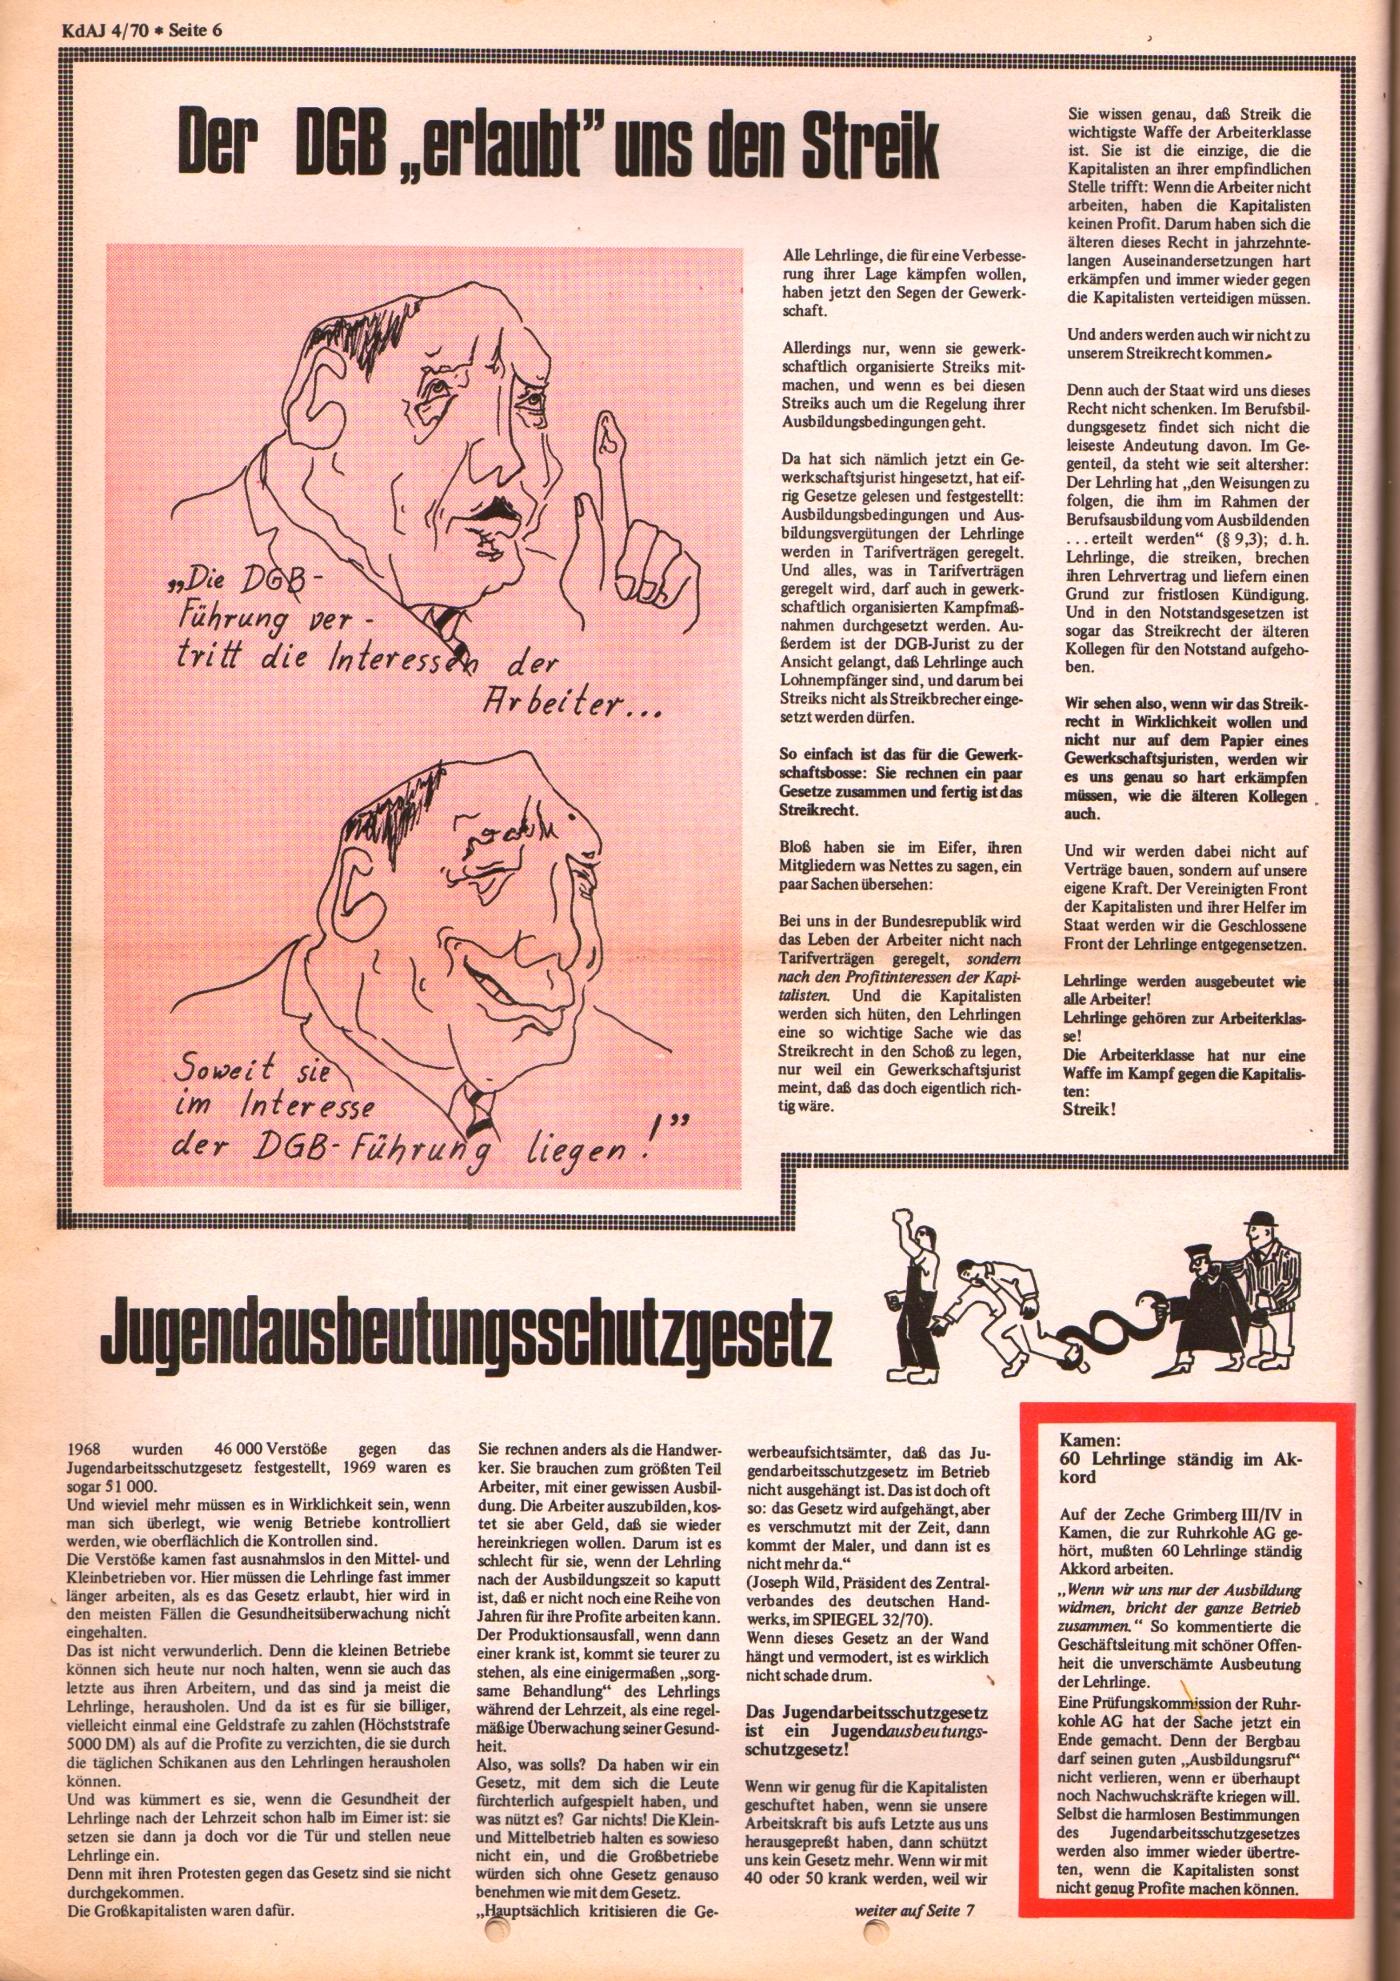 KDAJ, 1. Jg., September 1970, Nr. 4, Seite 6